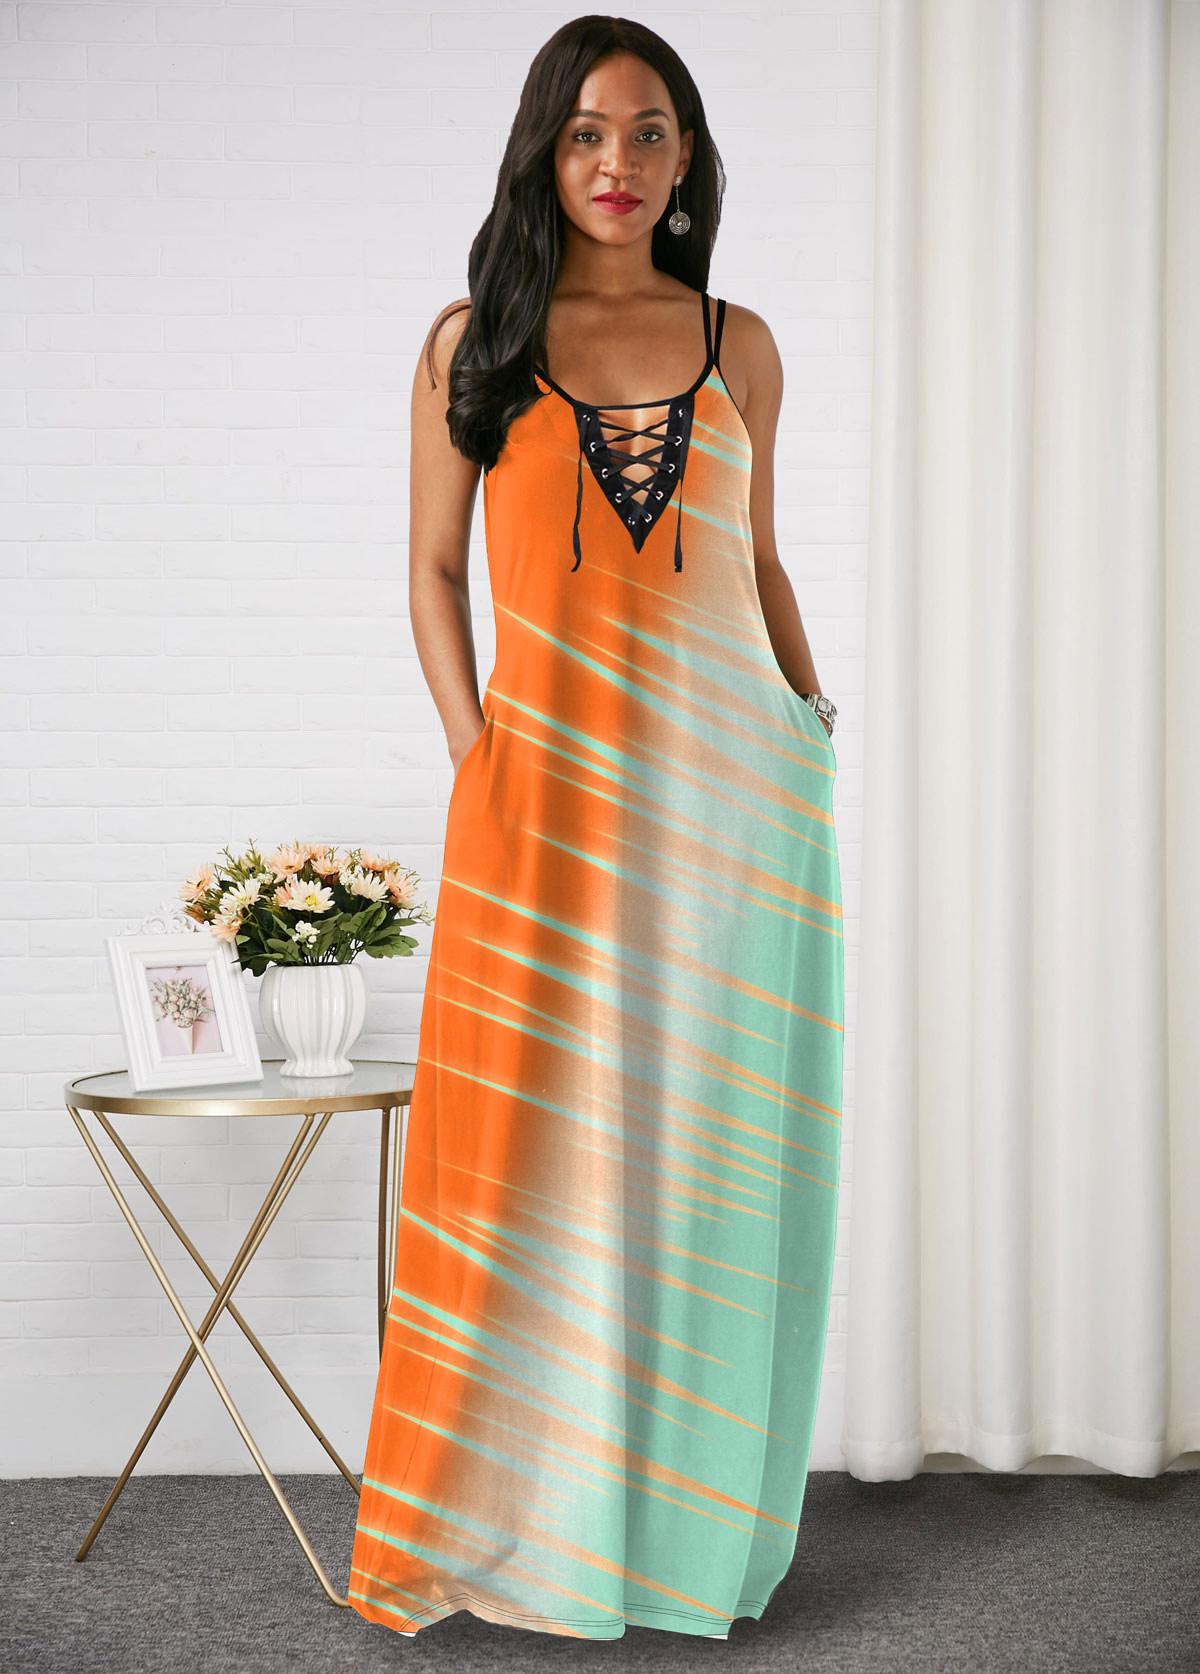 Lace Up Spaghetti Strap Color Block Maxi Dress